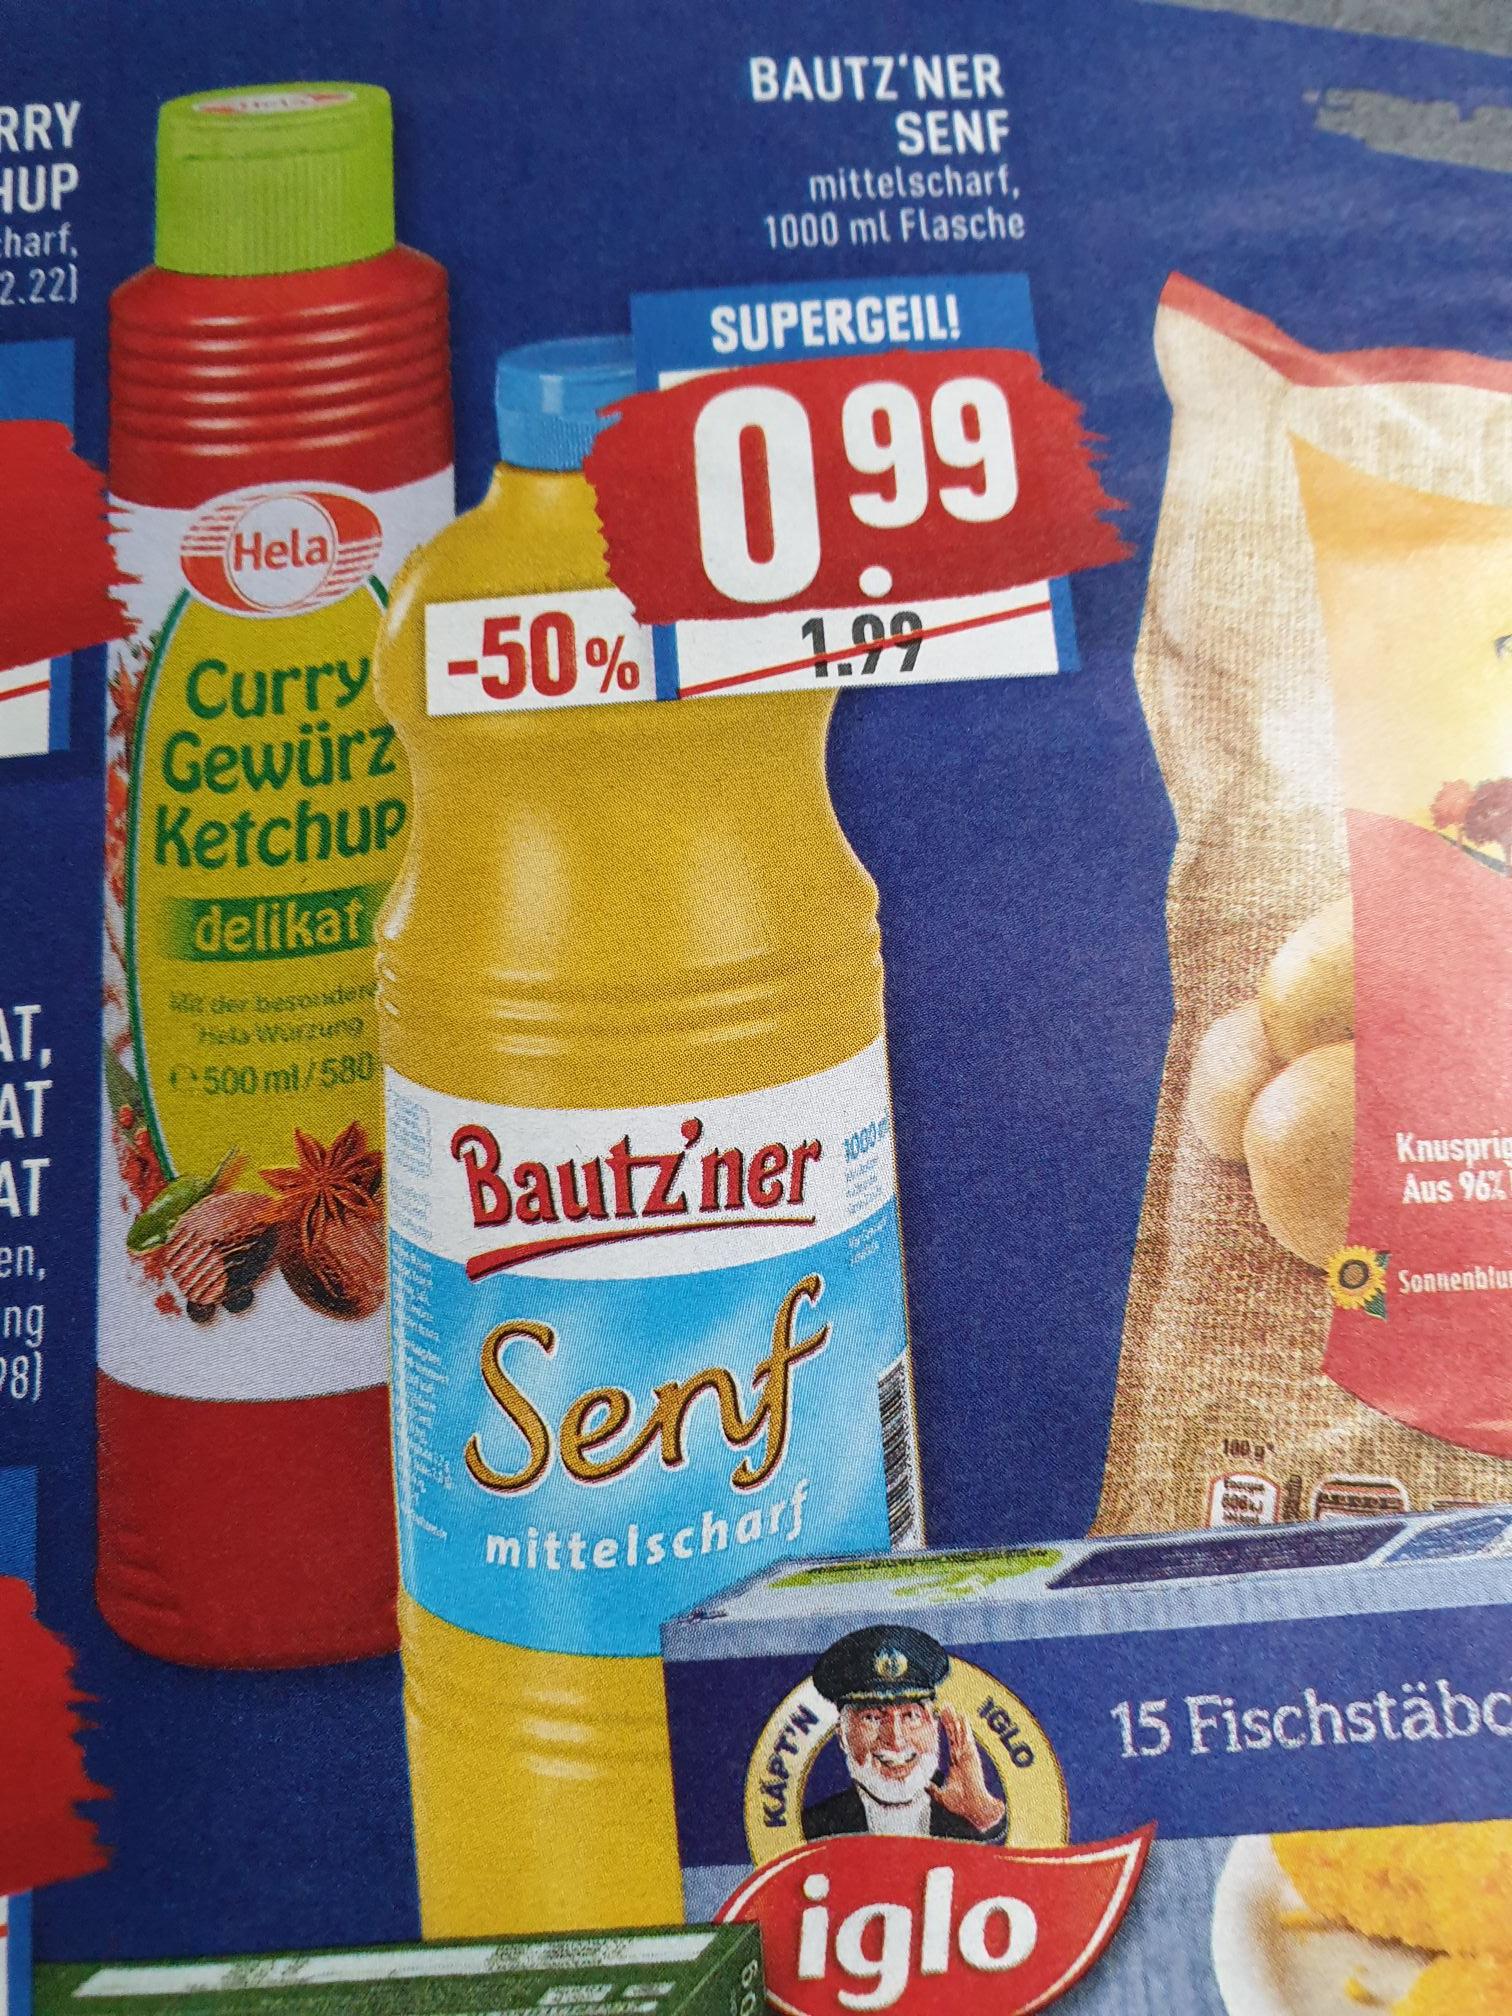 (Marktkauf)  Bautz'ner Senf mittelscharf 1000ml für 0,99€ (lokal nrw)